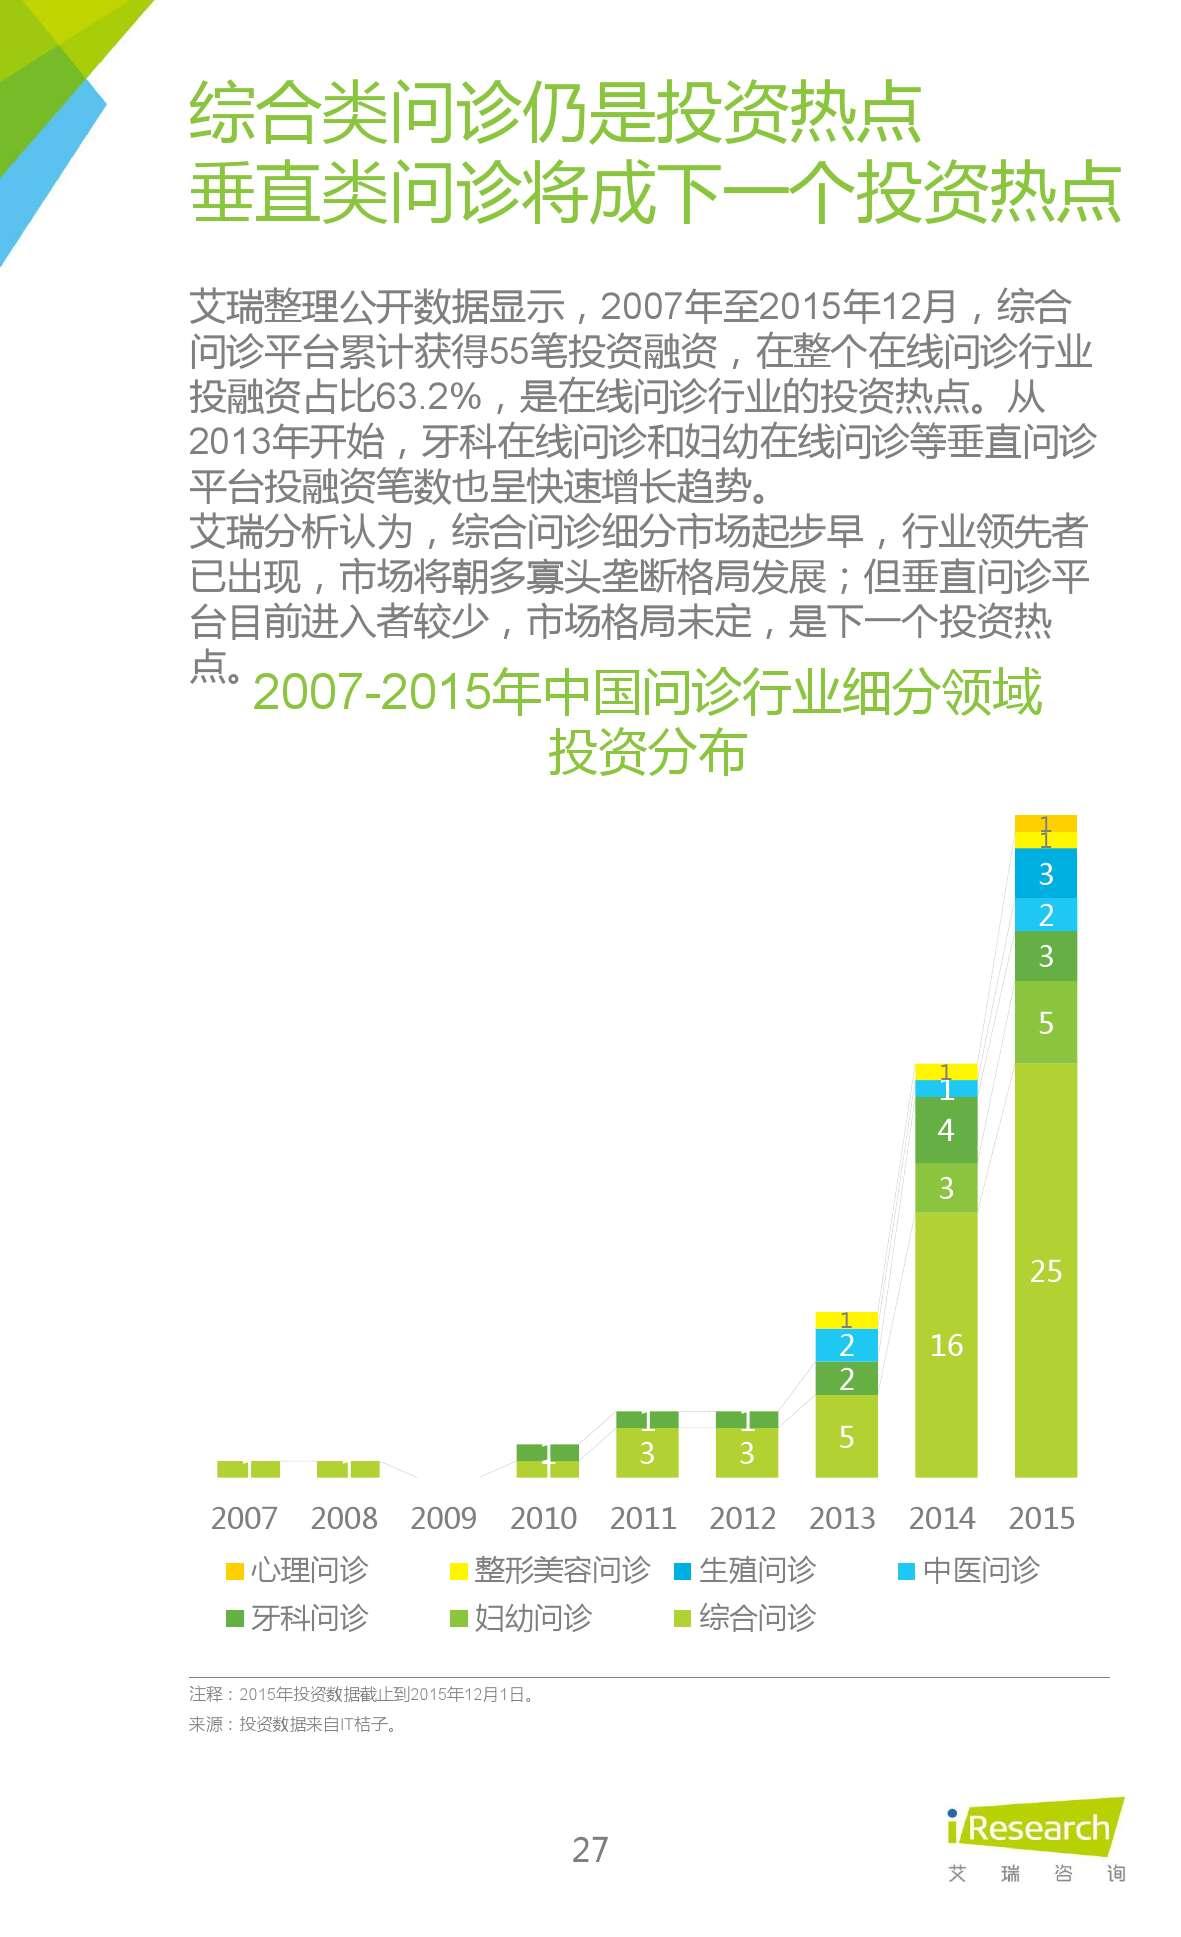 2015年中国在线问诊行业研究报告_000027